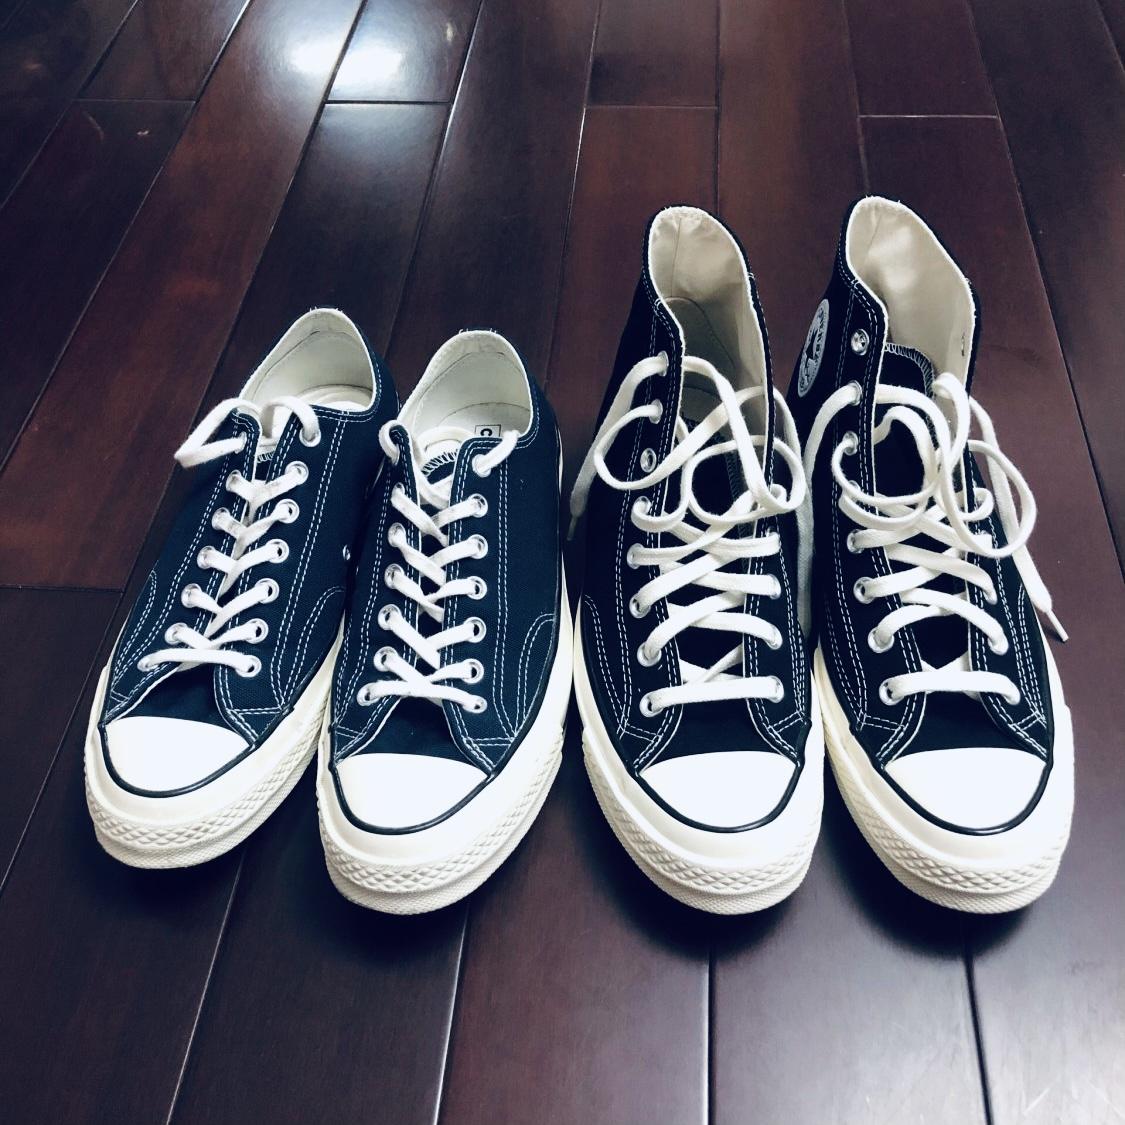 高帮复古板鞋 Converse匡威 1970s 黑色复古高帮低帮板鞋帆布鞋162050 162058_推荐淘宝好看的高帮复古板鞋